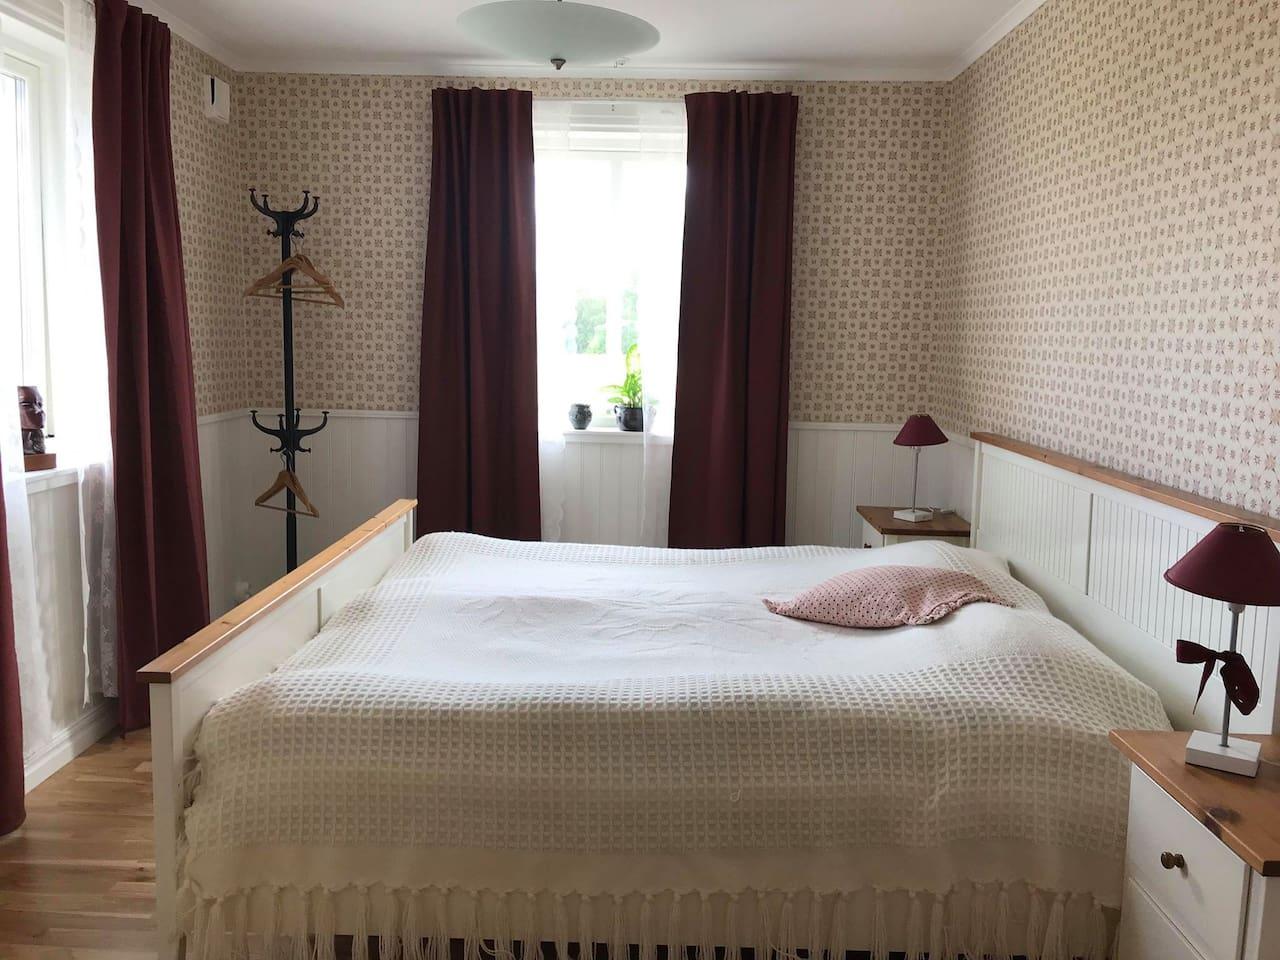 Hsslunda fattigstuga B&B, rum Lily - Bed and - Airbnb